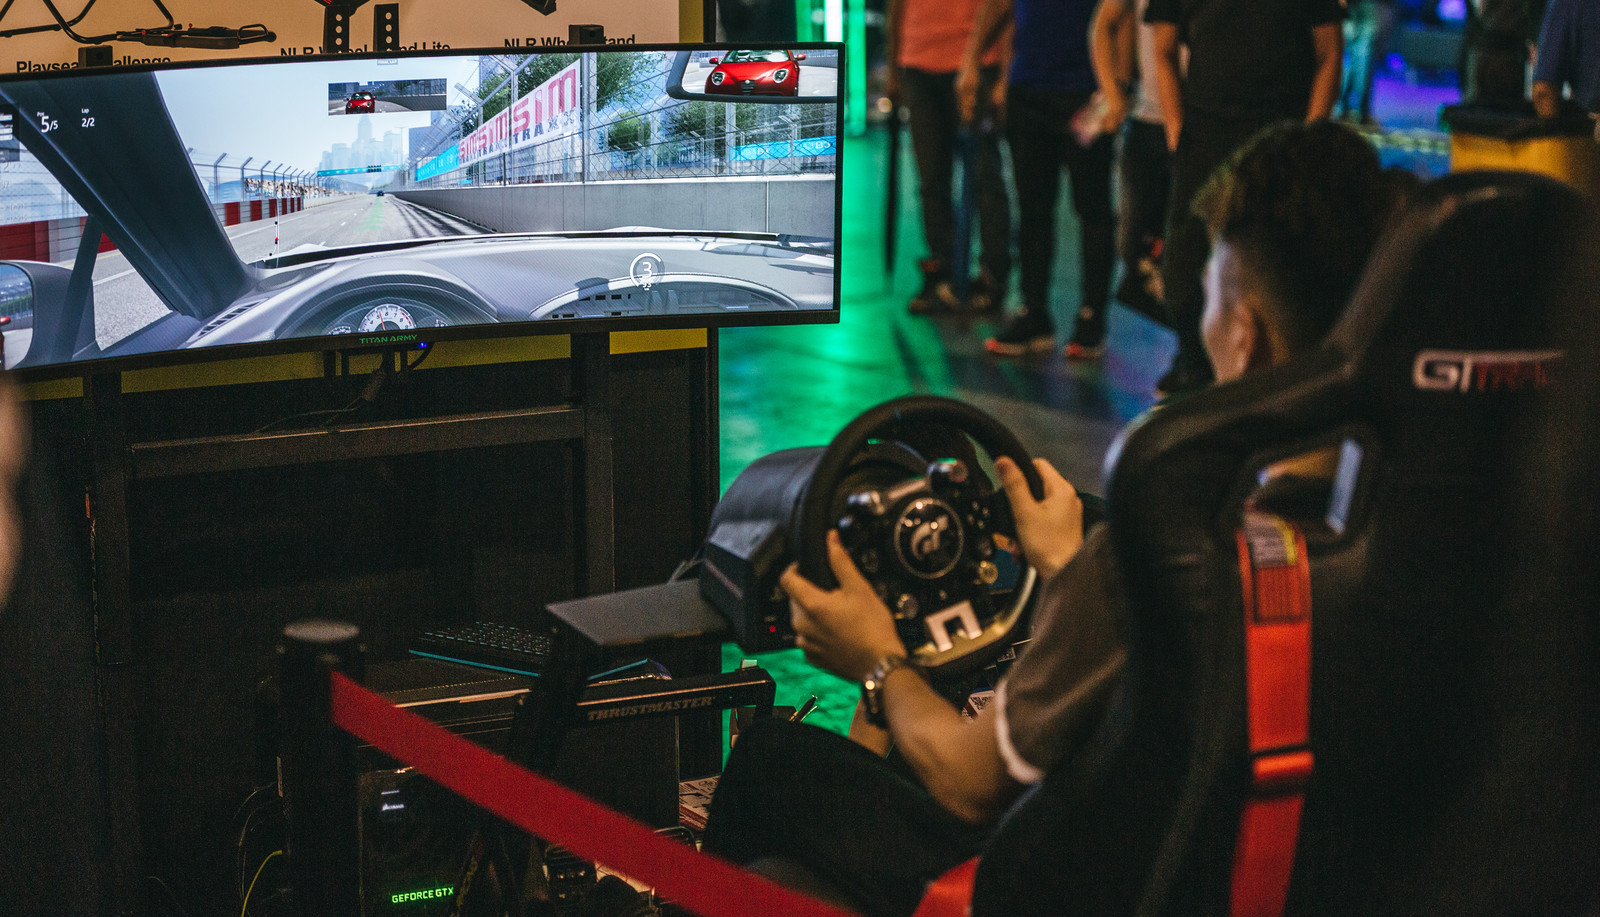 「大画面でレースゲームをプレイする」の写真